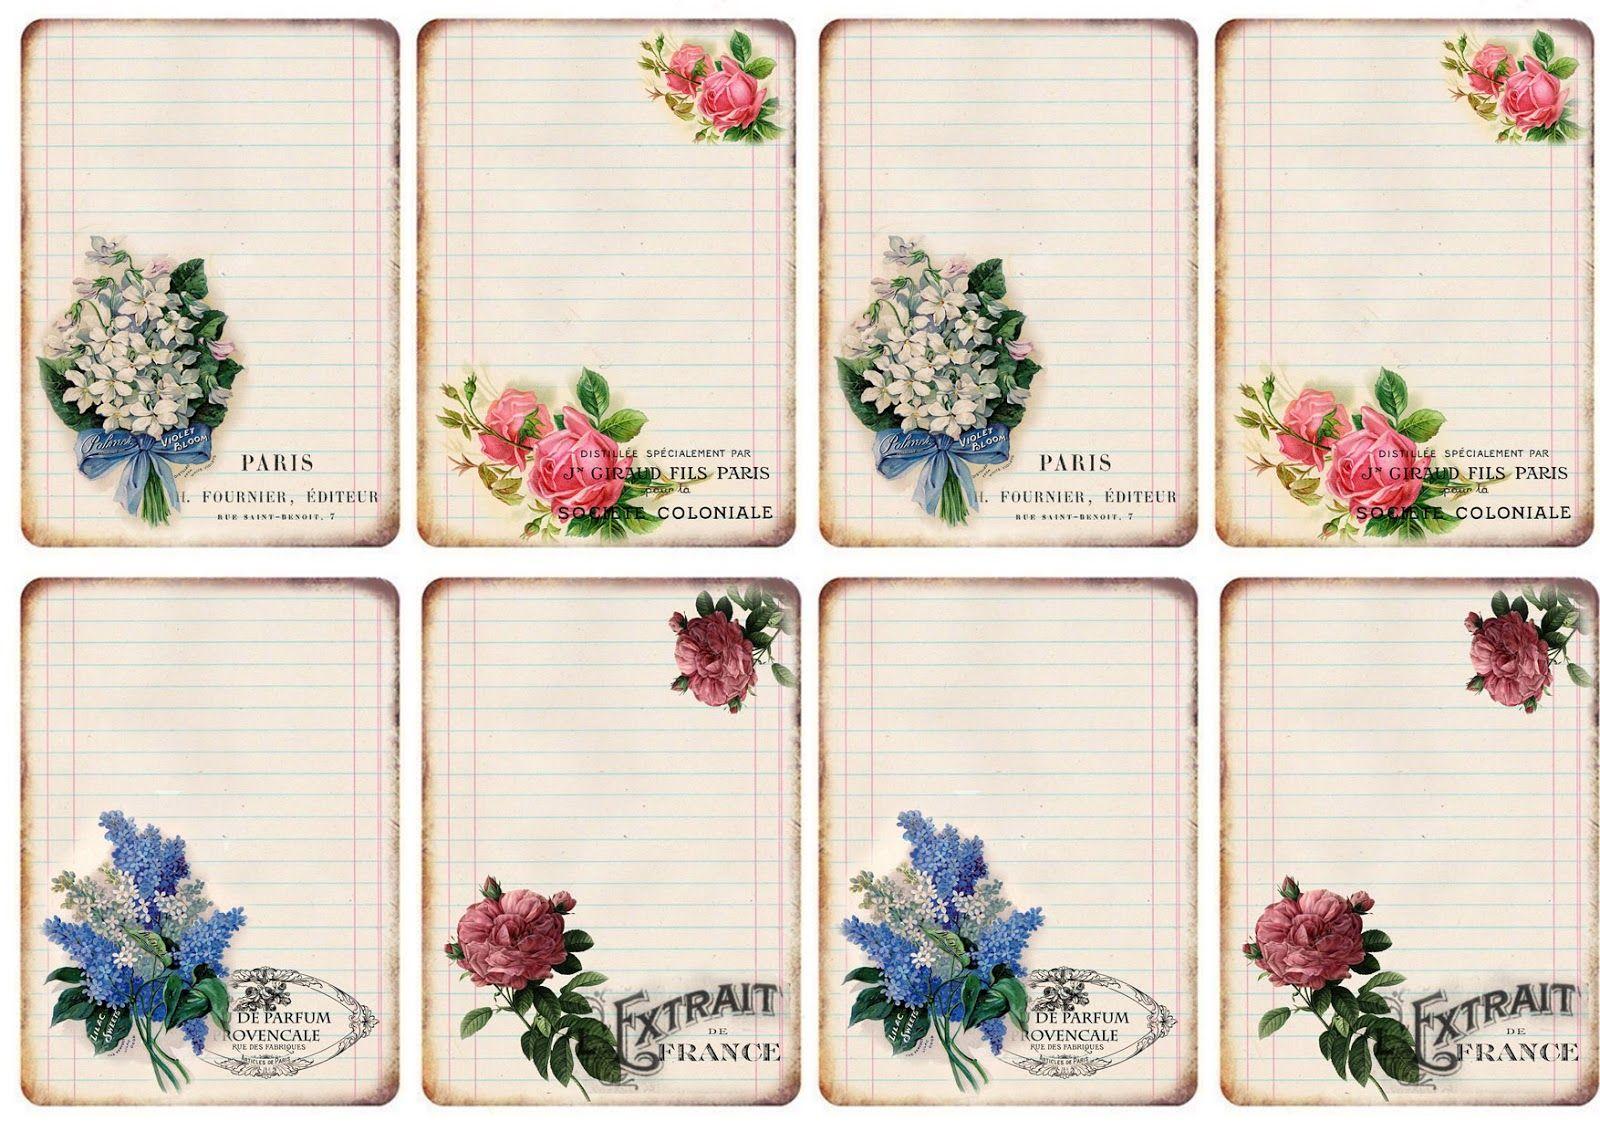 мини открытки на 8 марта распечатать несколько на одном листе взгляд творческое